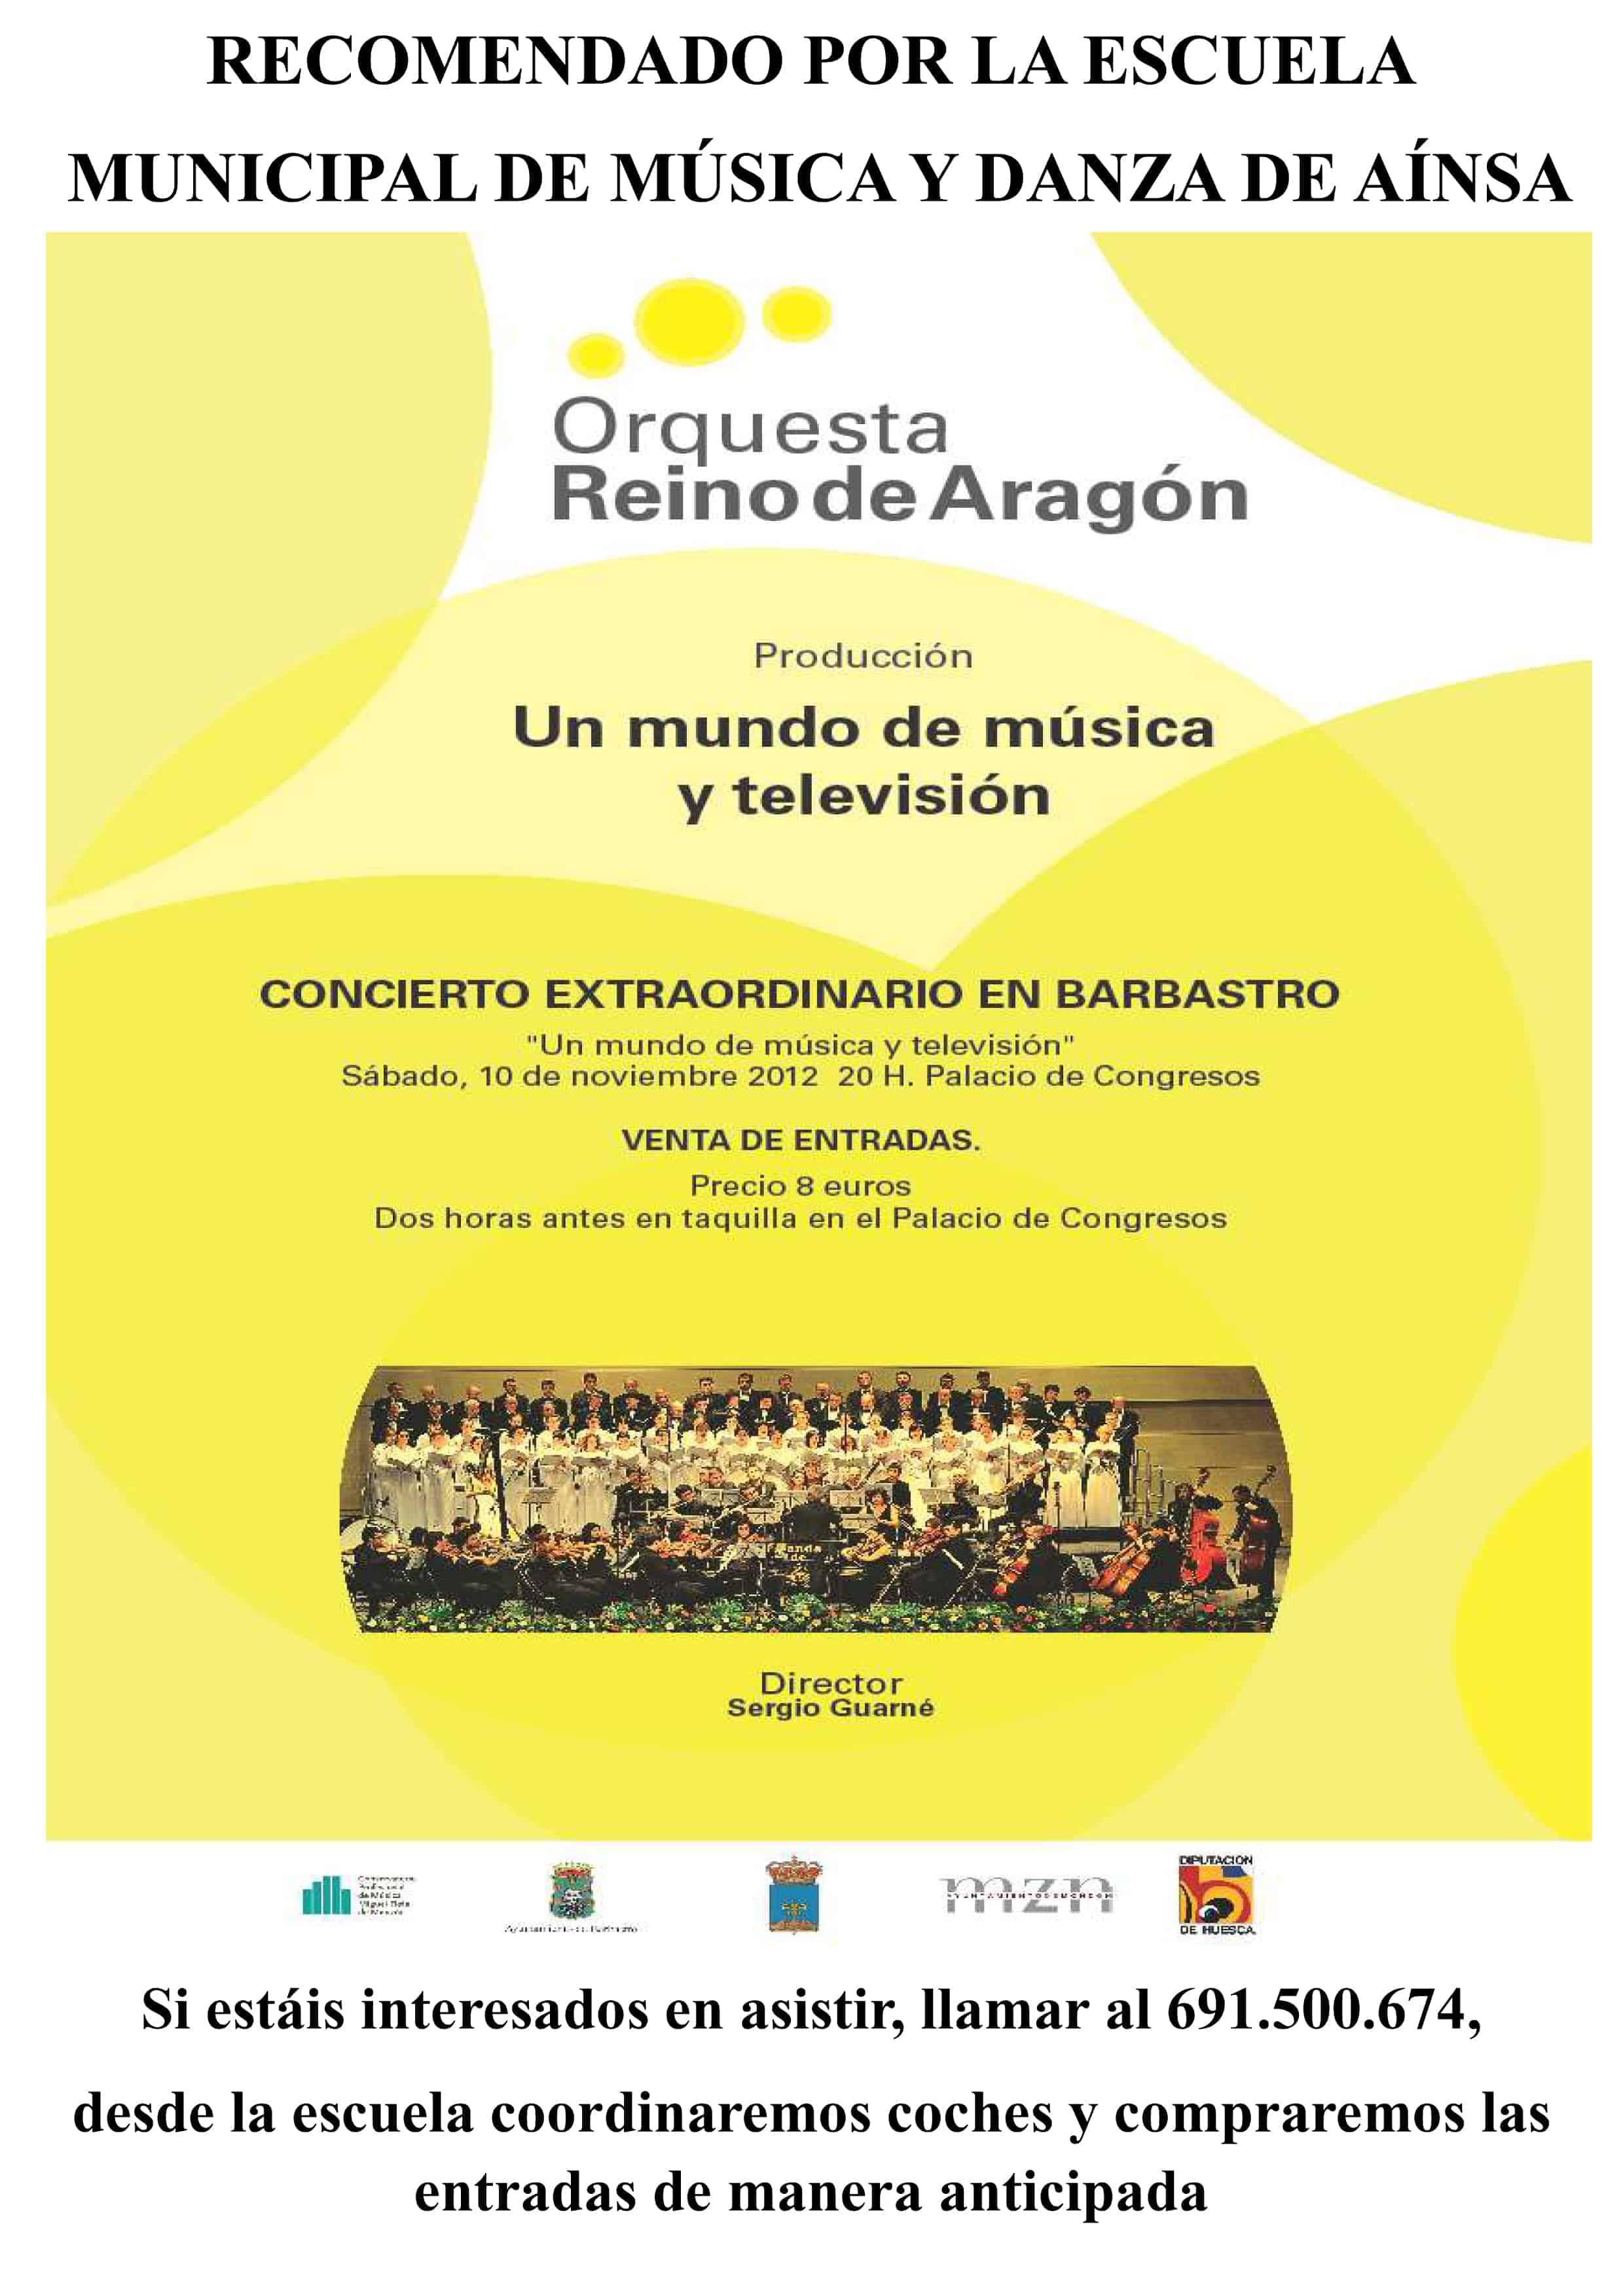 concierto_ora_copiar.jpg